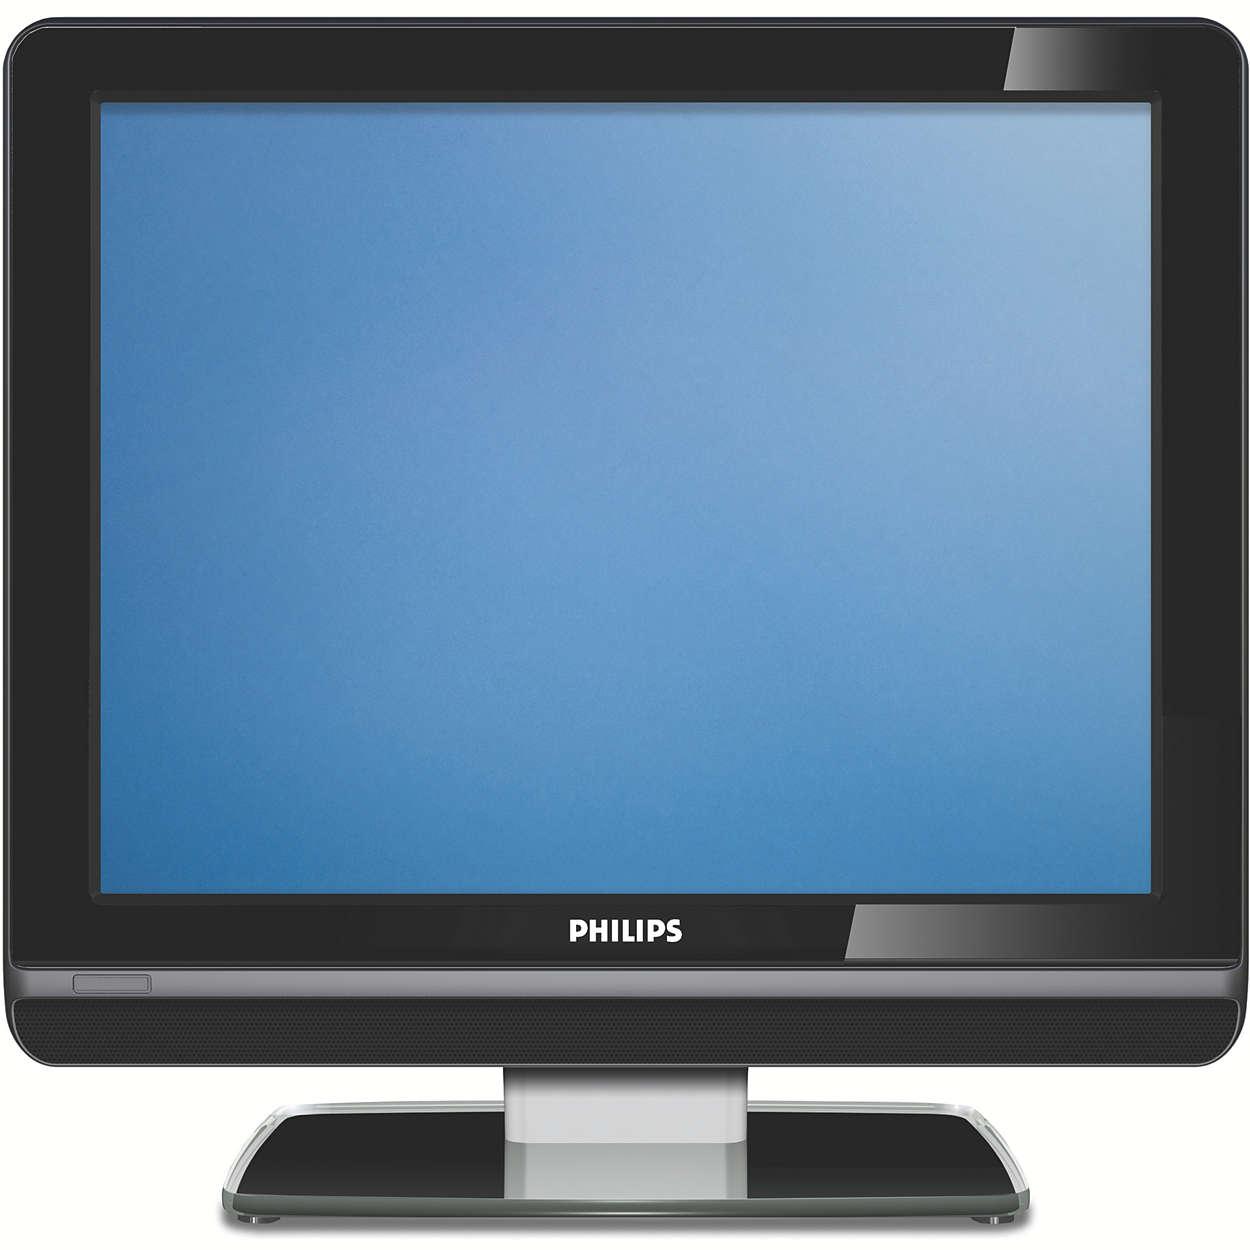 Flat Tv 20pfl5522d05 Philips